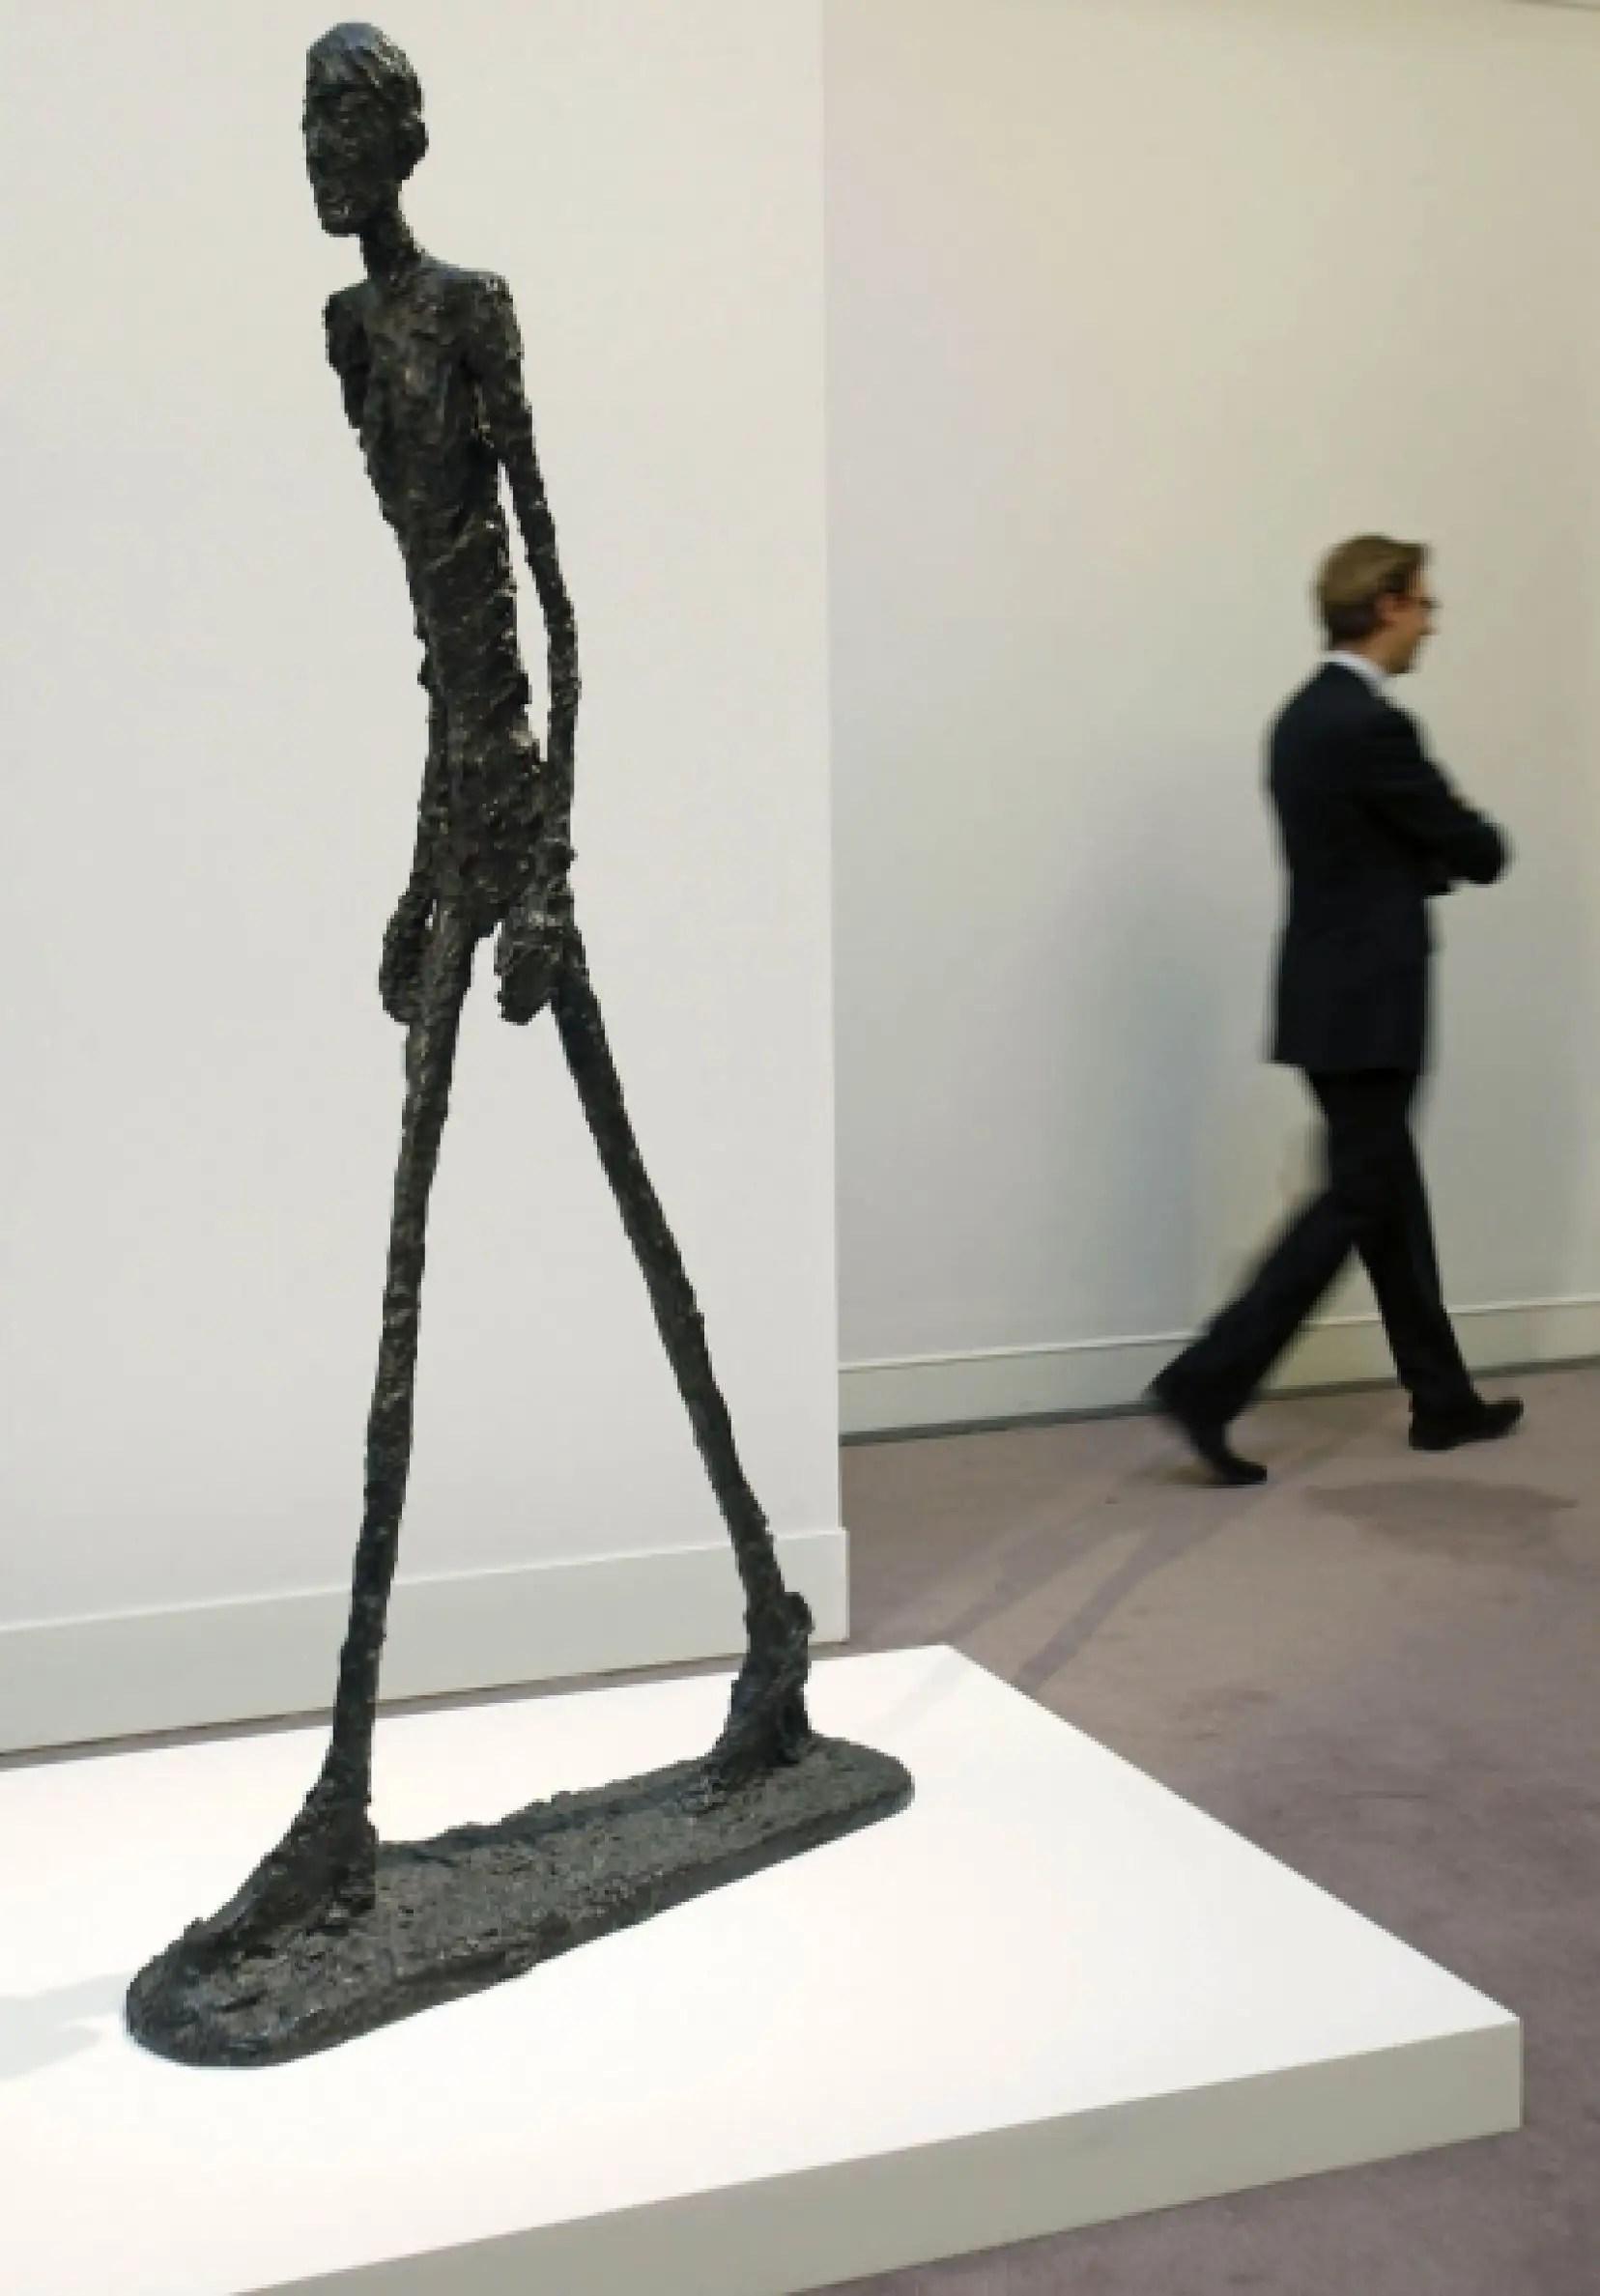 L'Homme qui marche d'Alberto Giacometti : focus sur un